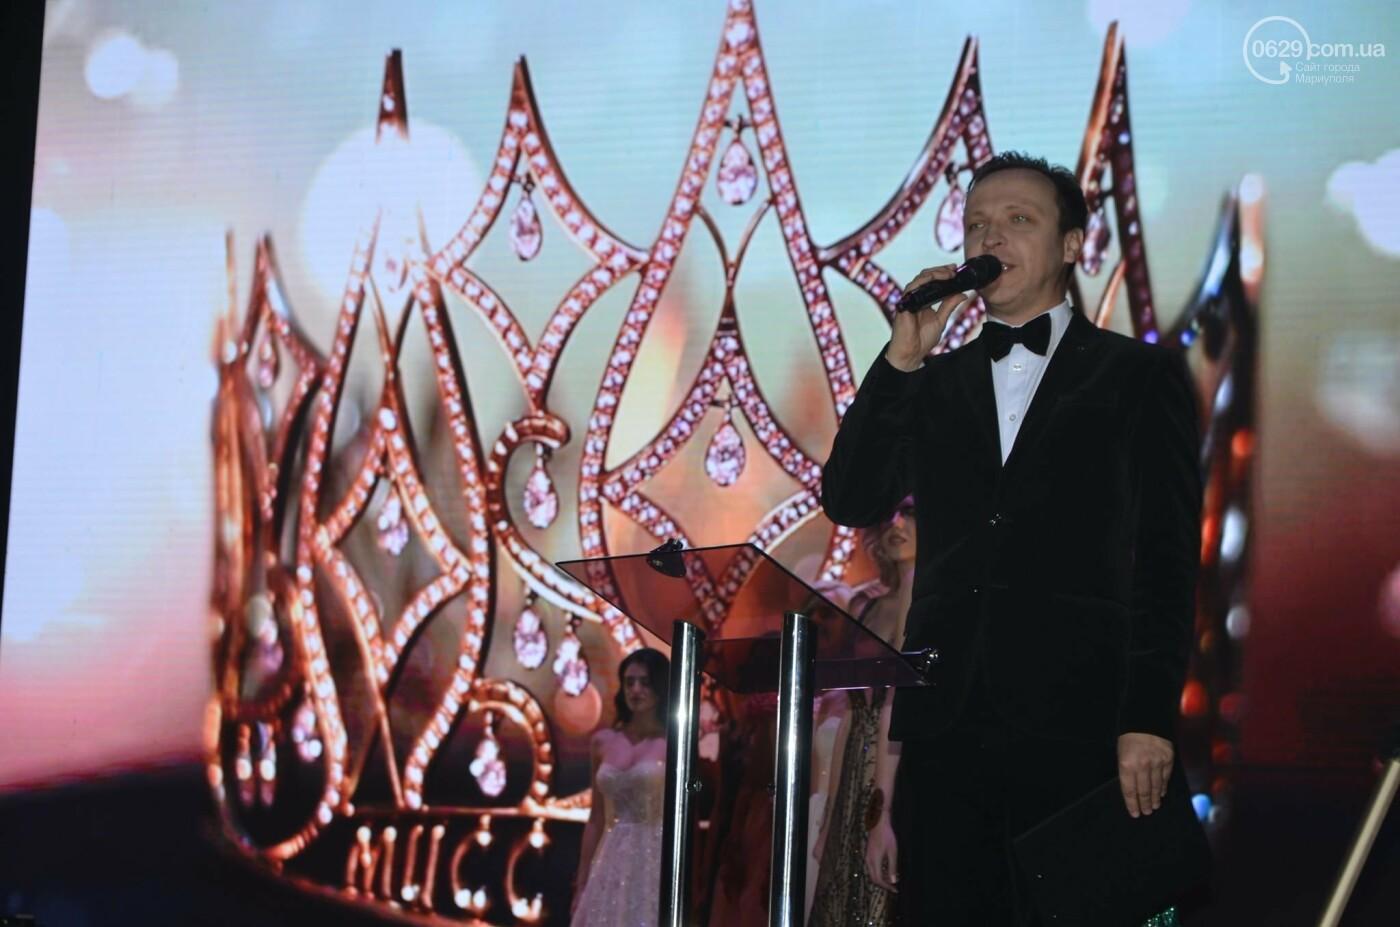 """Мисс-Мариуполь в этом году стала """"воздушная"""" Валерия  Золотаренко, - ФОТО, ВИДЕО, фото-2"""